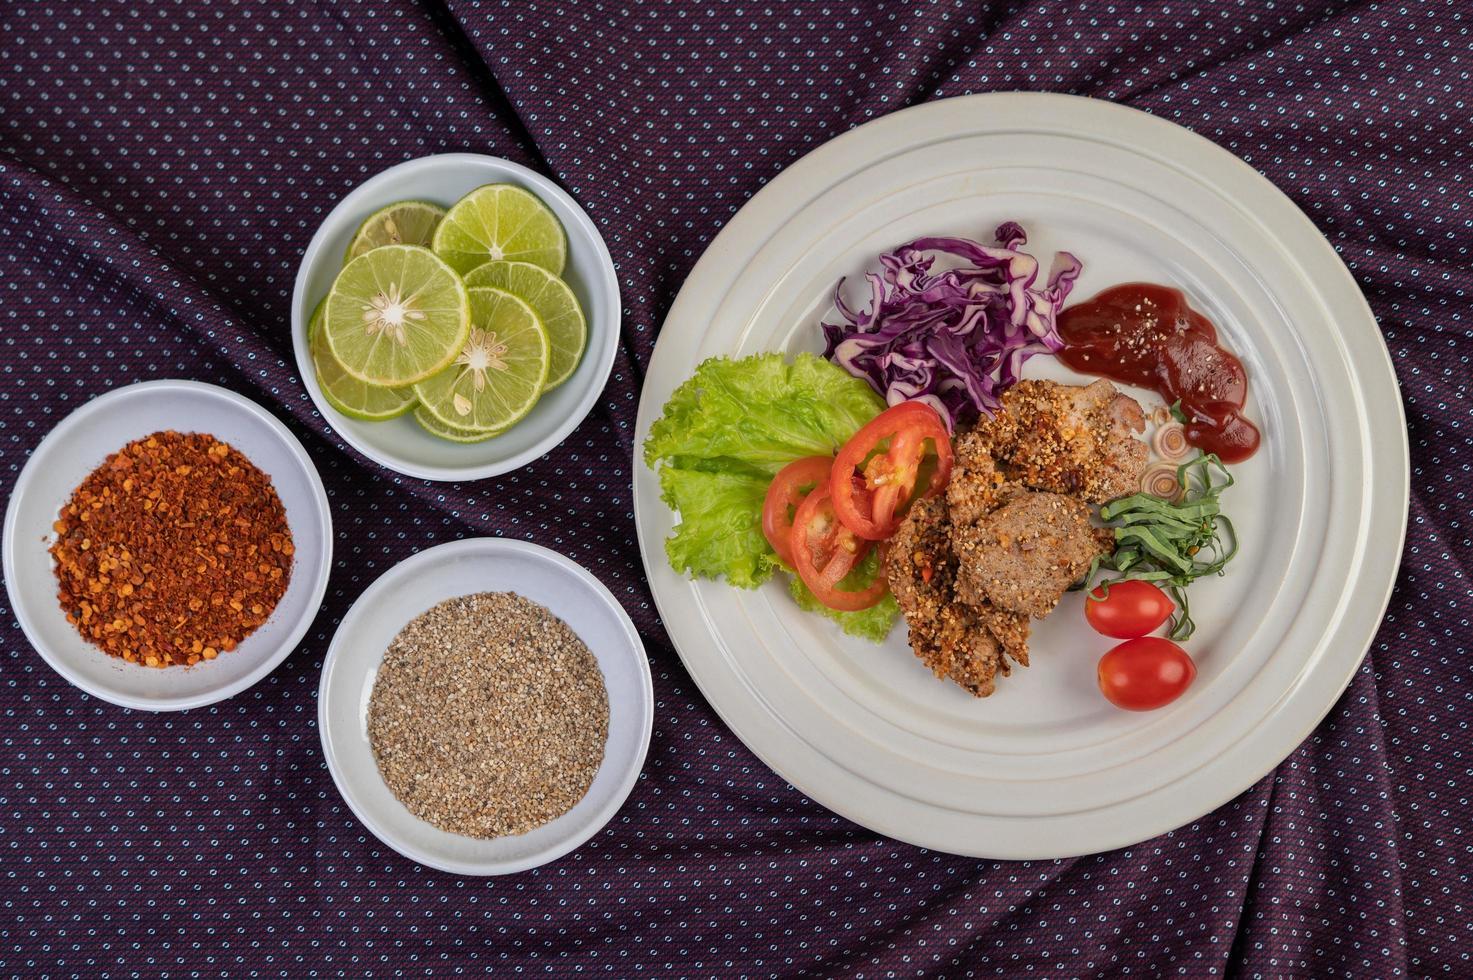 insalata di maiale placcato con peperoni, pomodoro, limone, lime, aglio e insalata foto